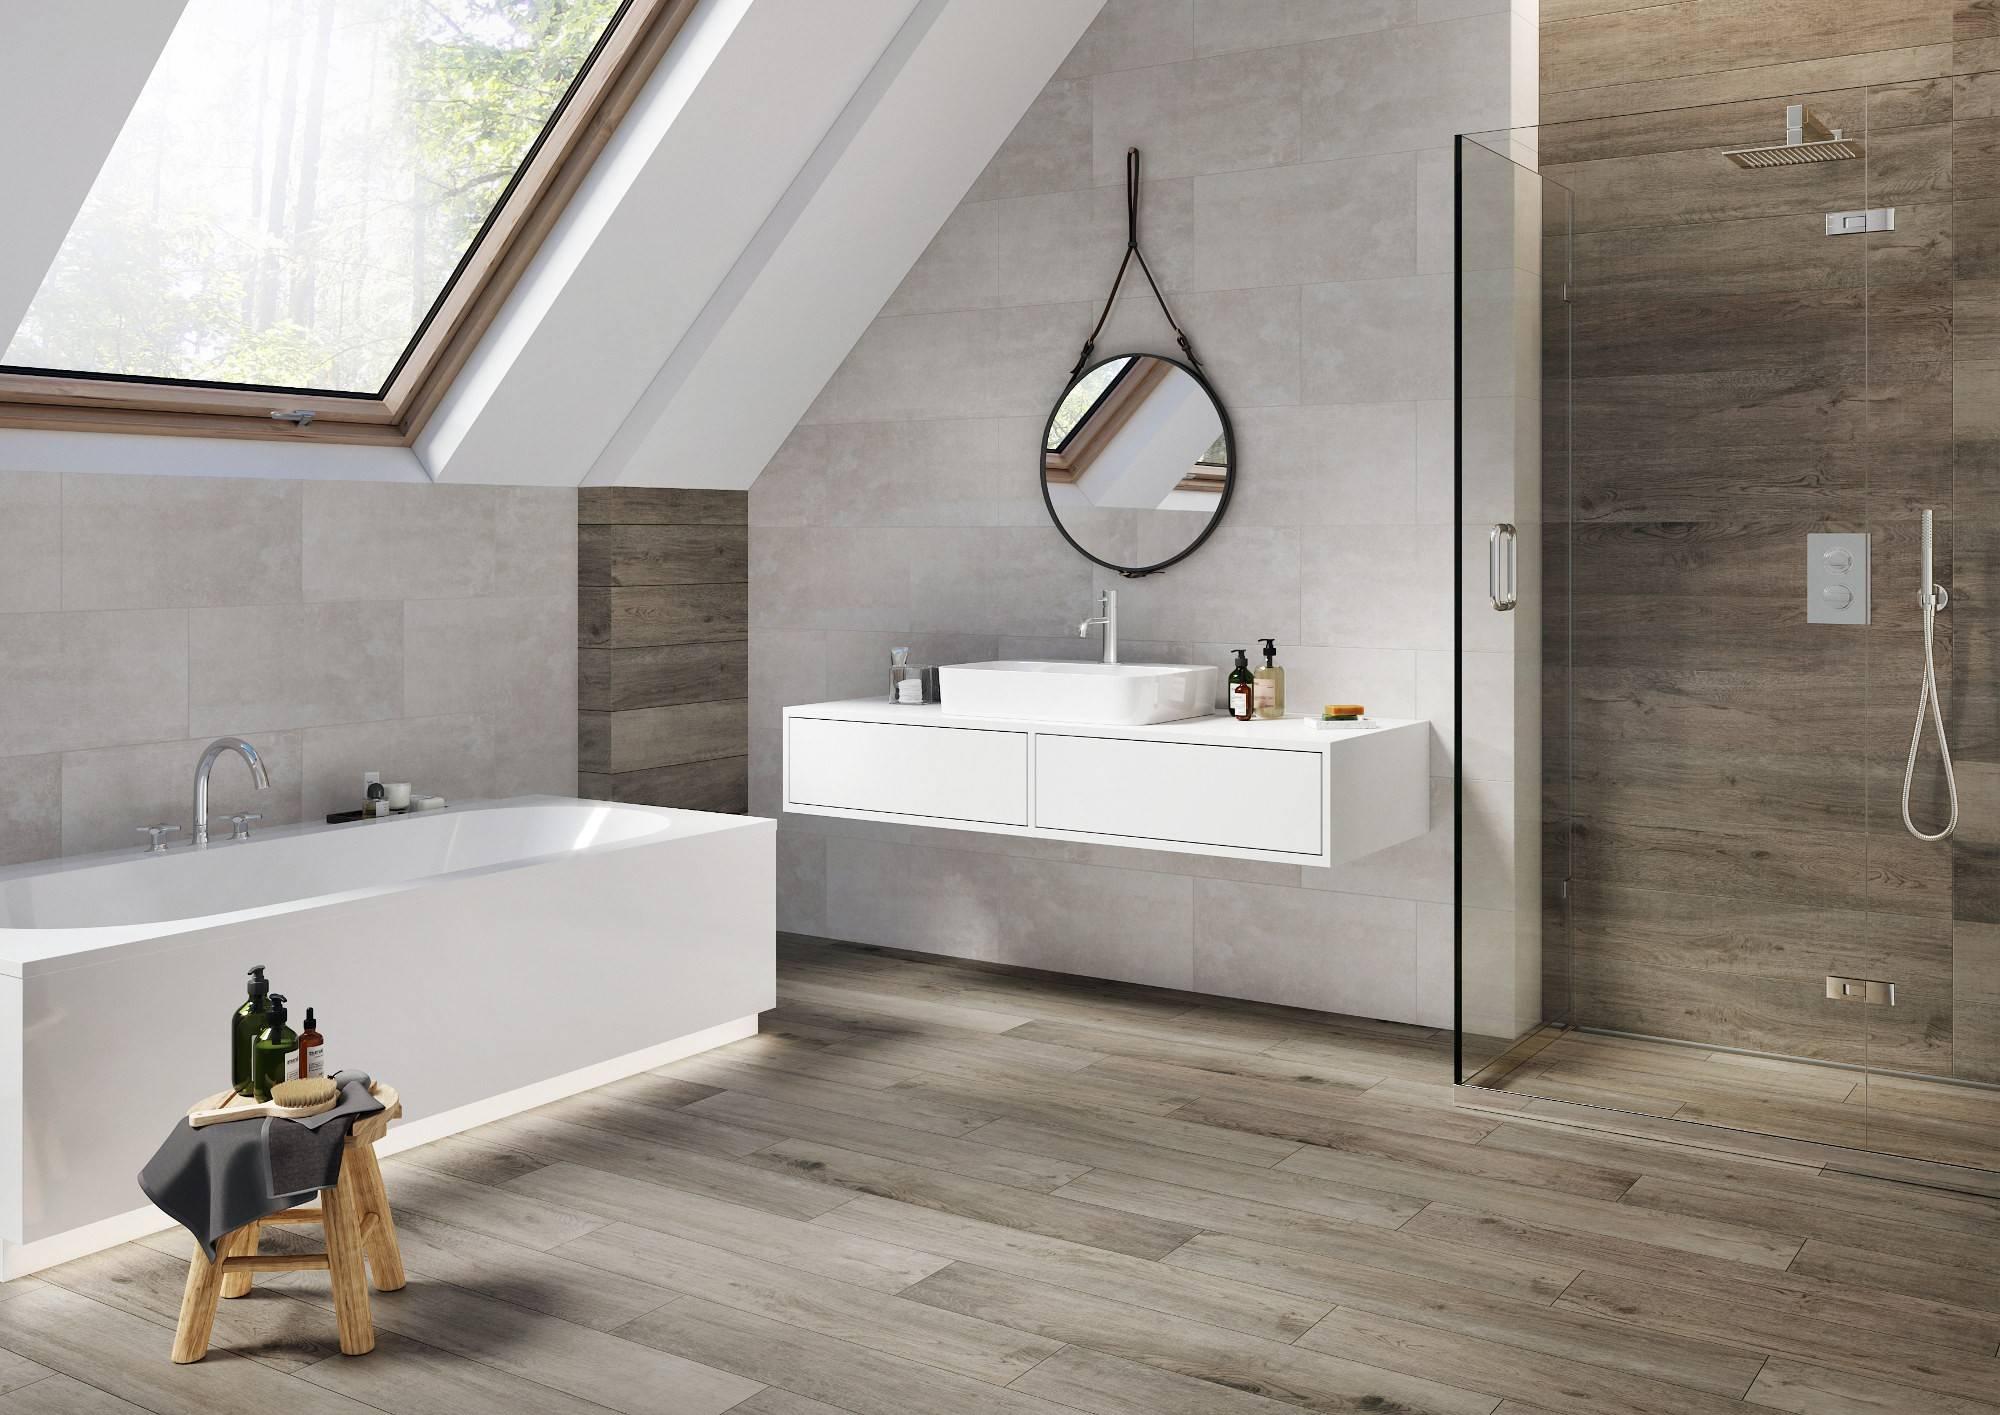 Plank Like Wood Tile Bathroom.